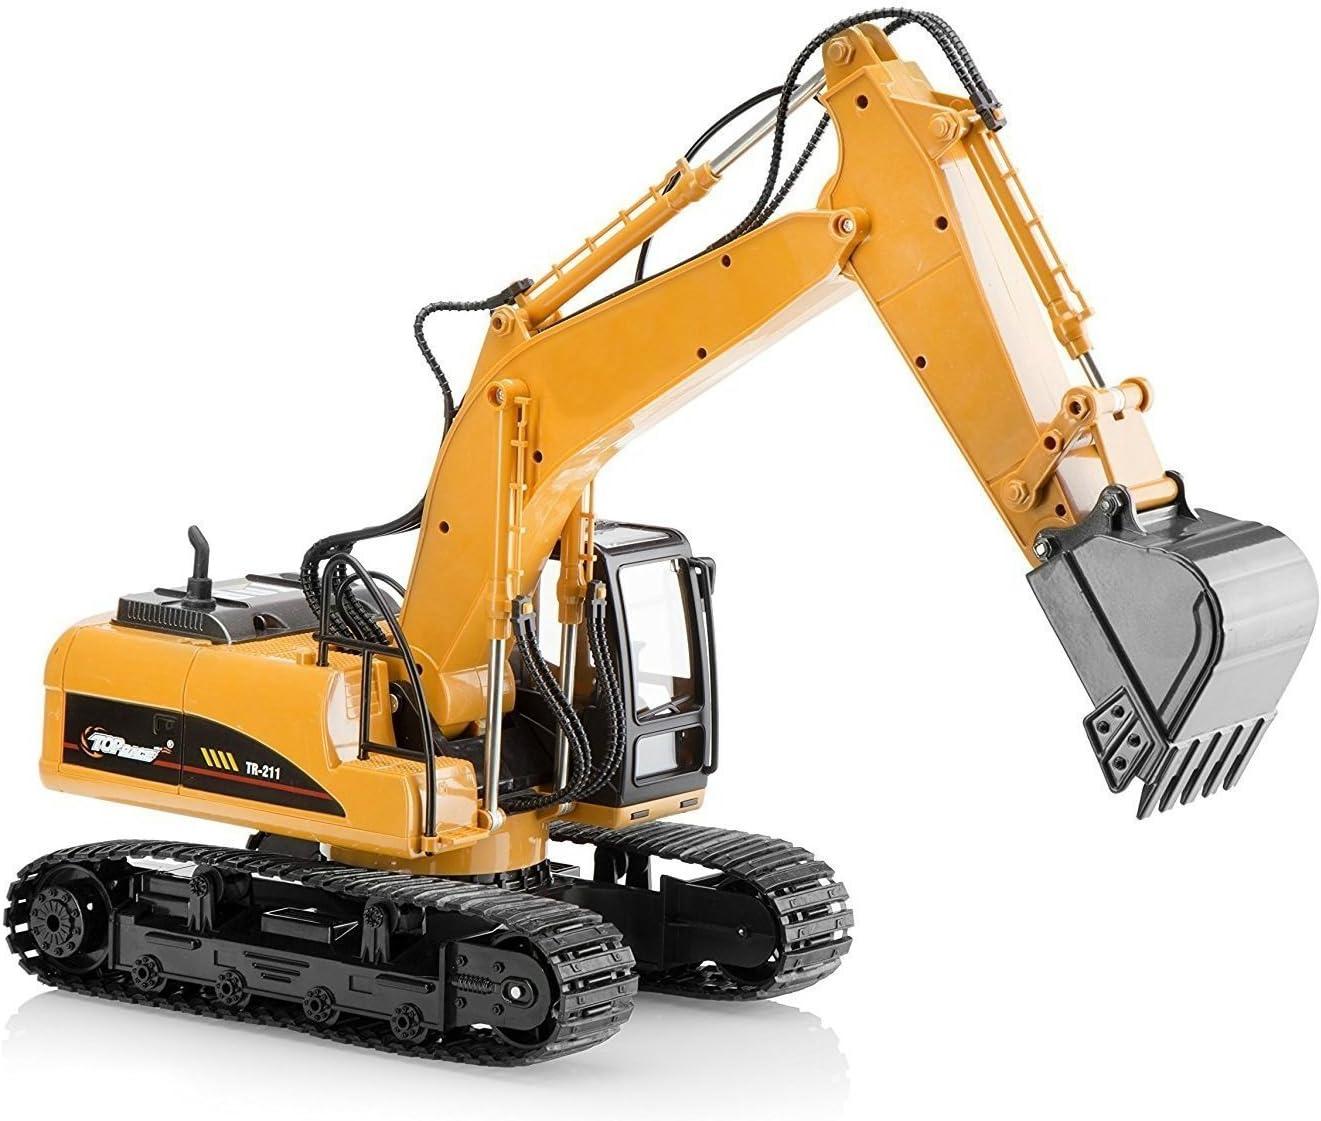 Top Race Metal Die Cast Excavator Construction Tractor de construcción, Juguete de excavadora con - Pala de metal - TR-211D